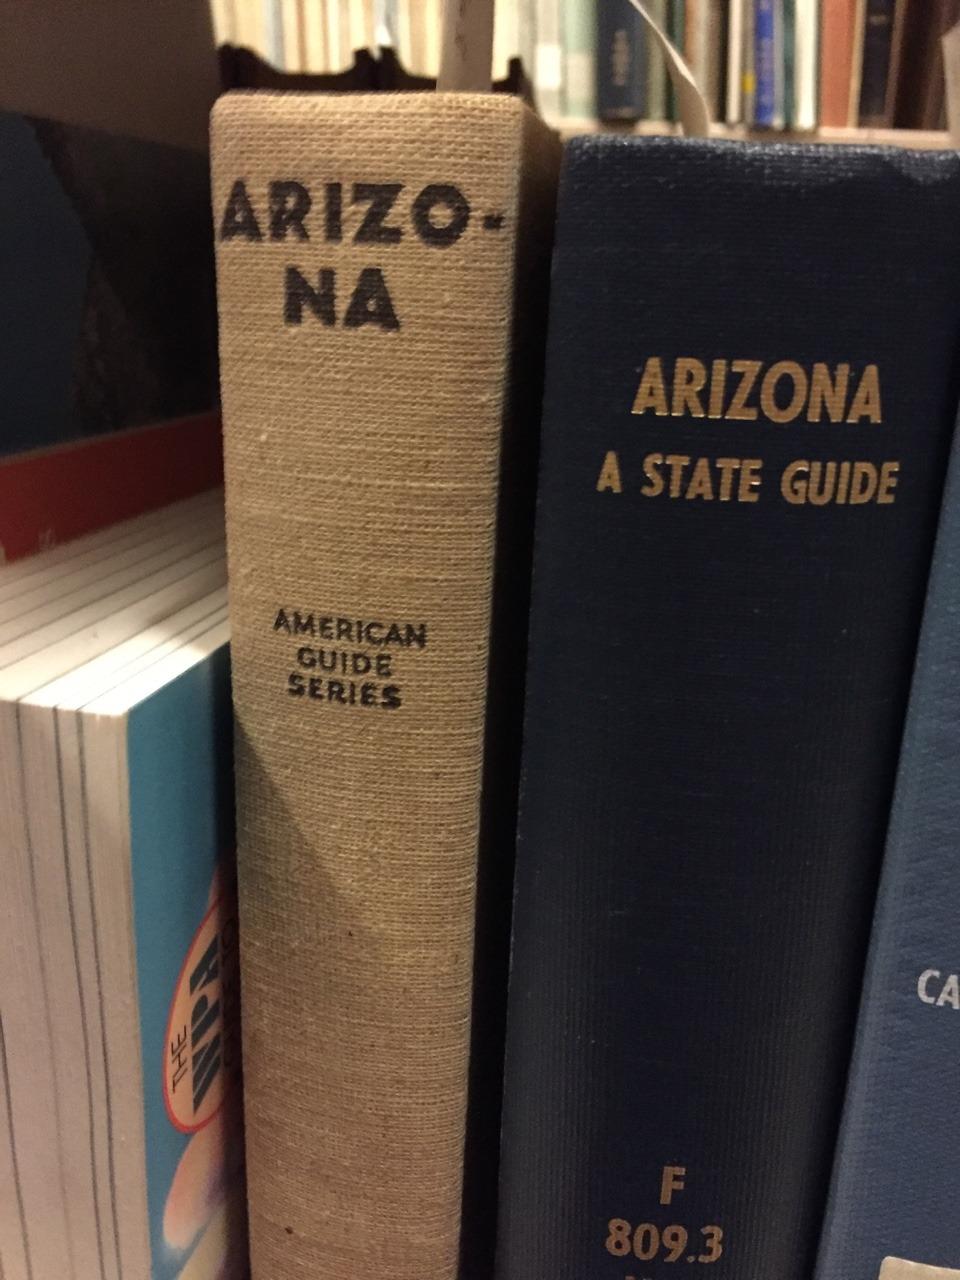 Arizo……na